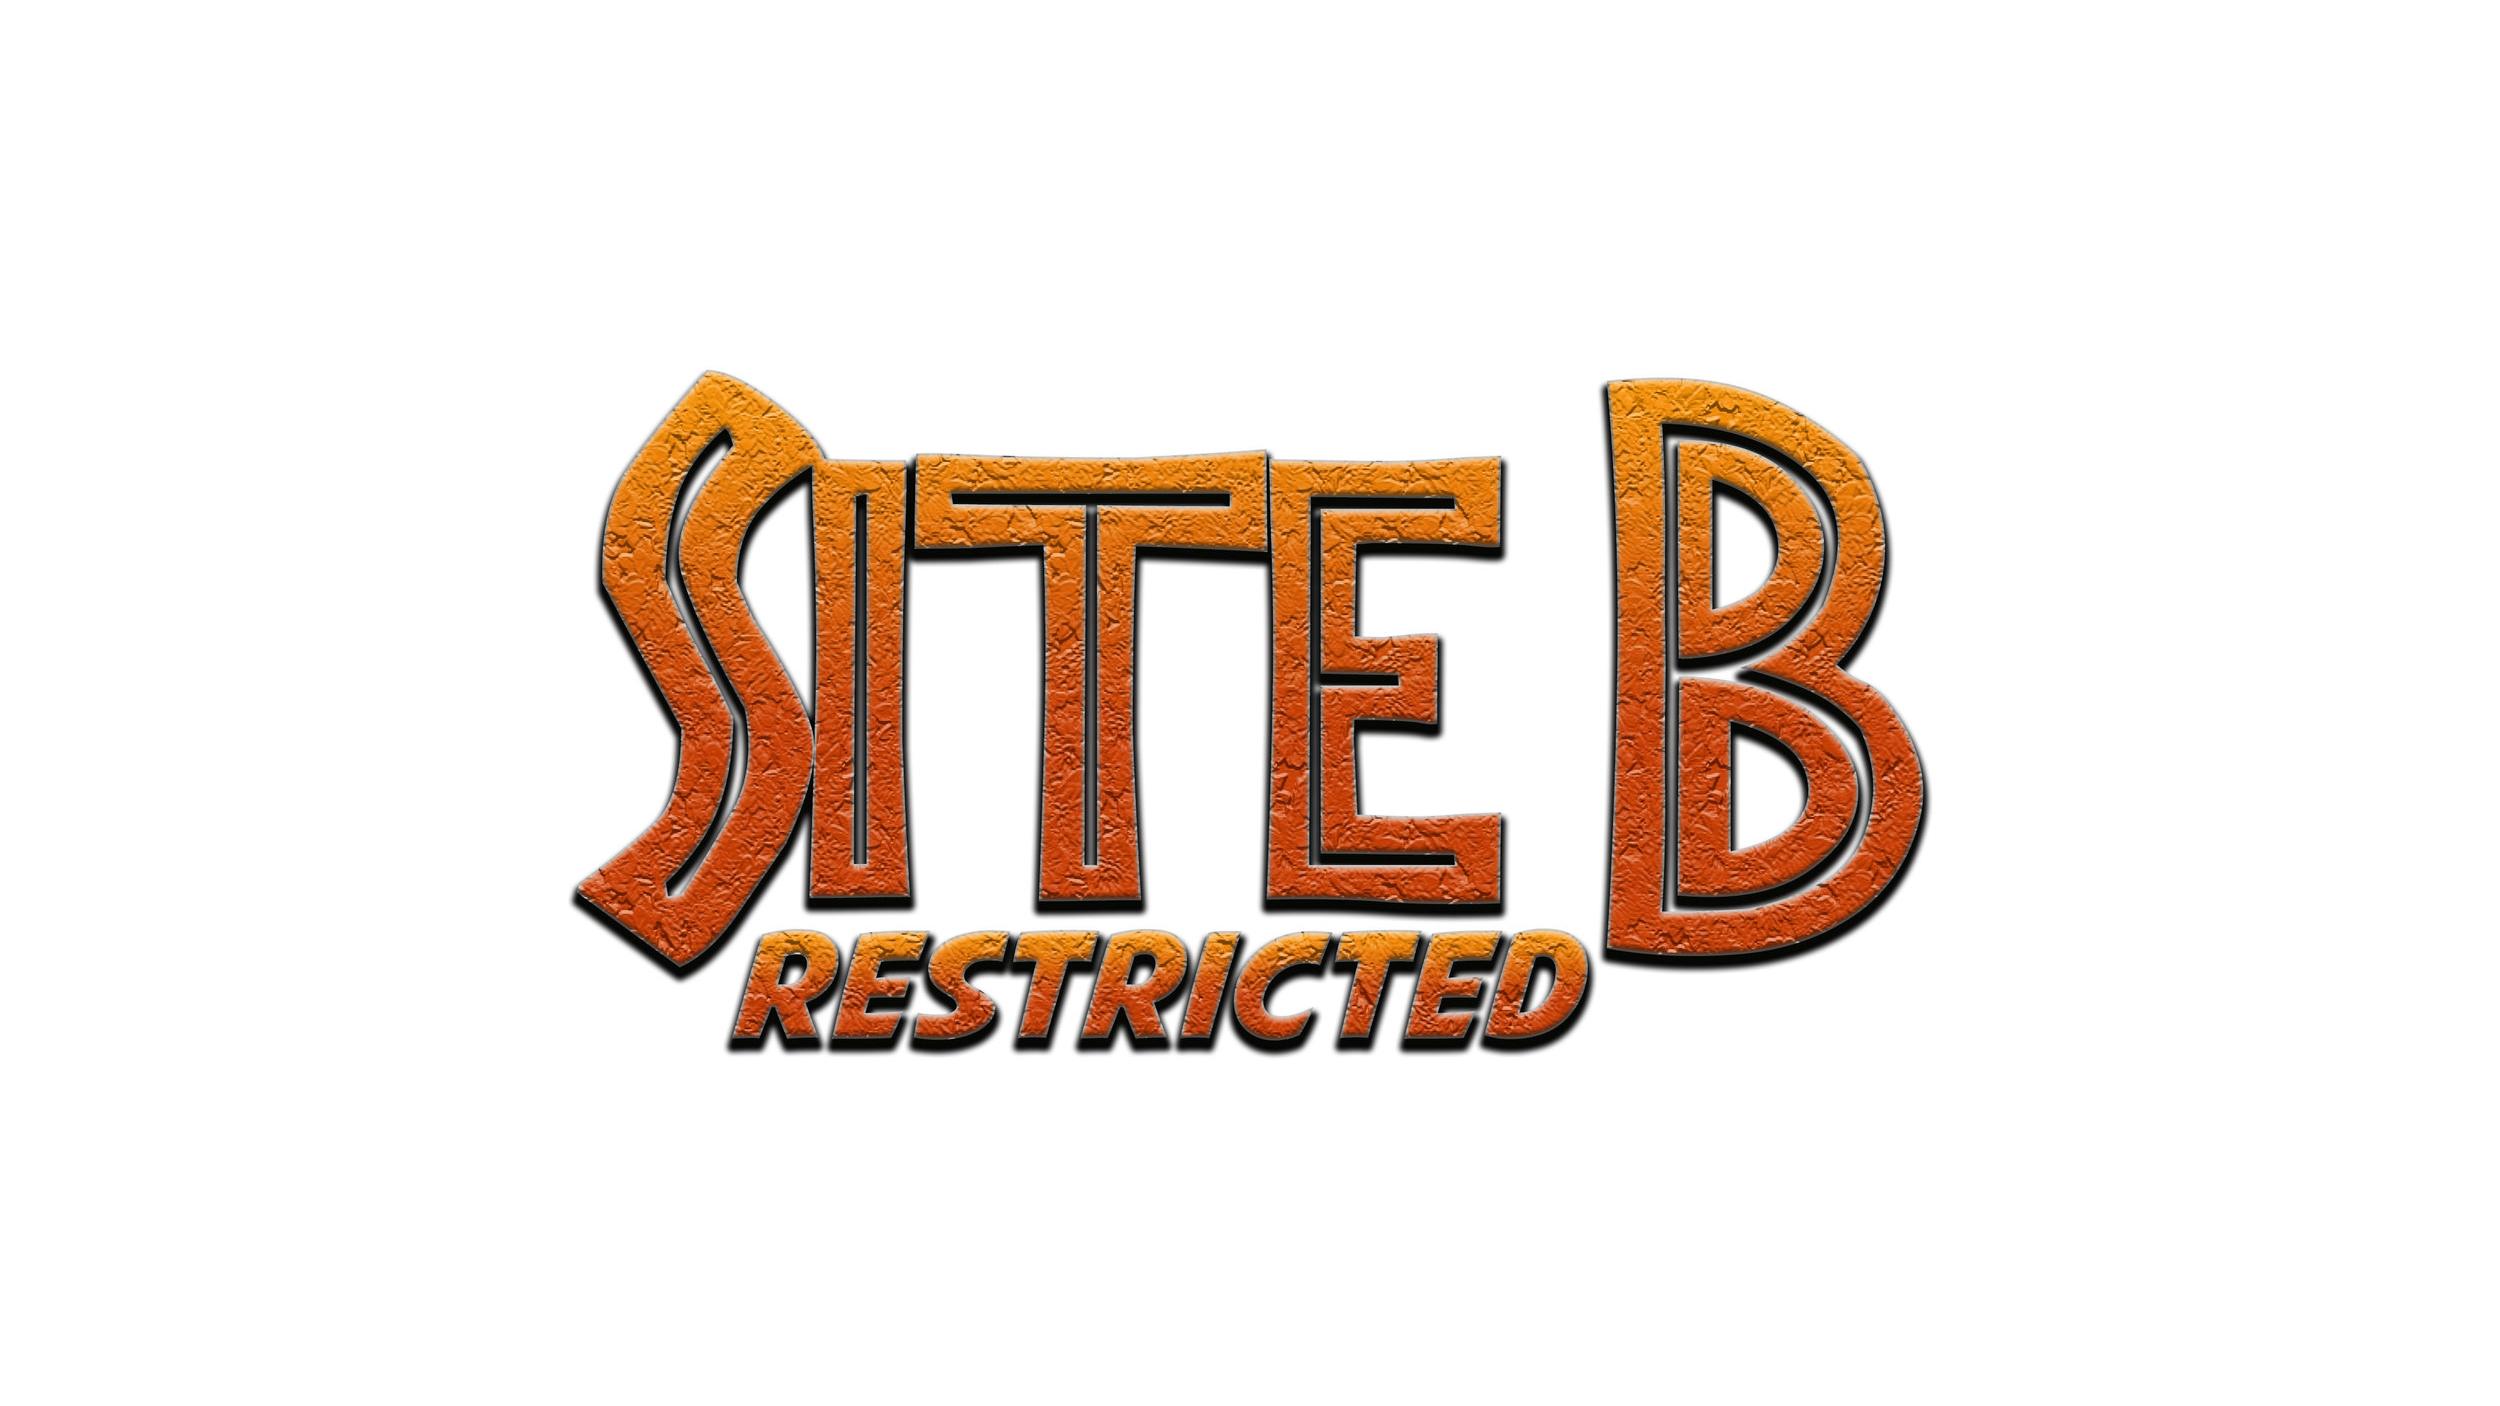 Site_B_web.jpg